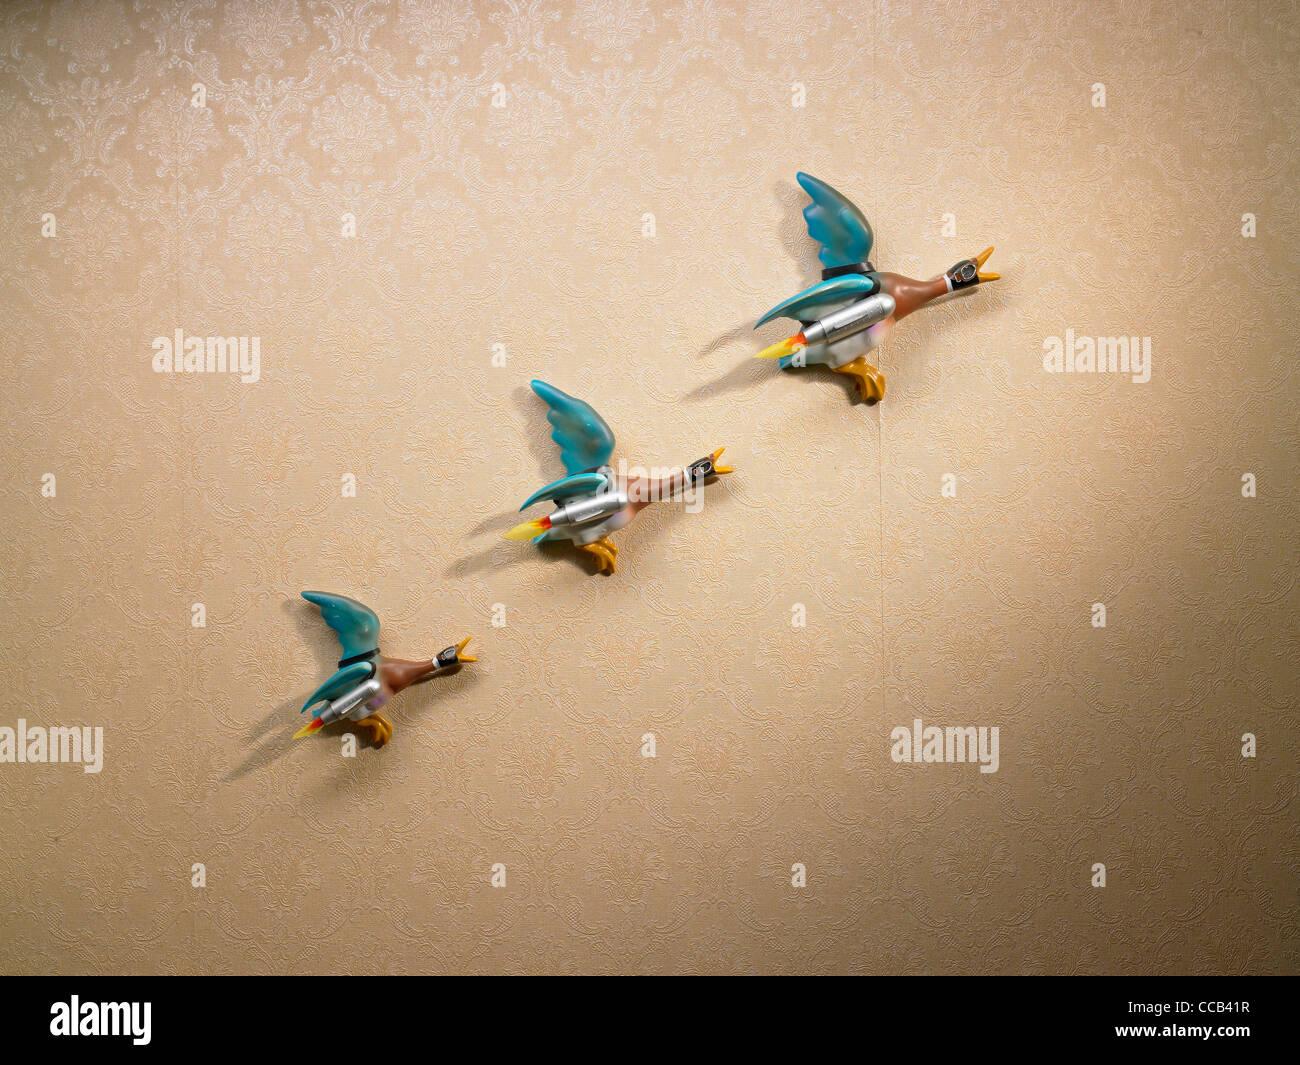 eine Linie der Rakete angetrieben Enten an der Wand Stockfoto